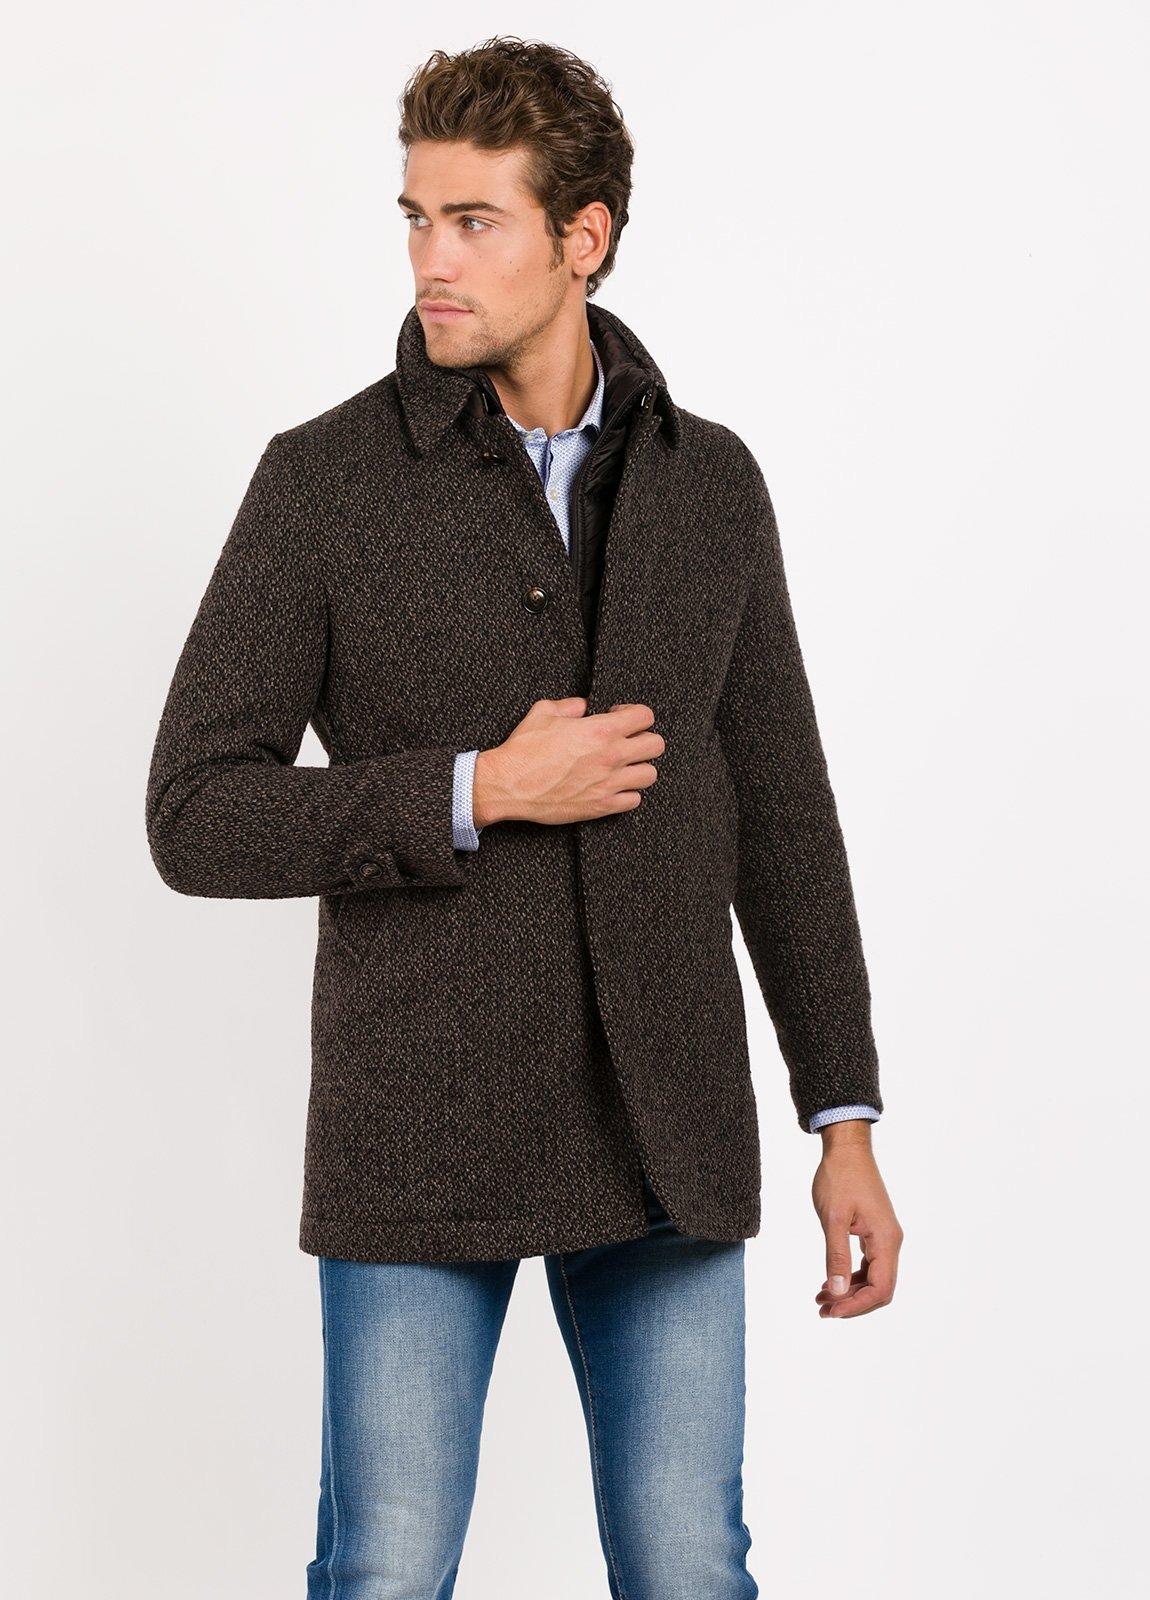 Abrigo corto con pecherin, color marrón jaspeado. 55% Lana, 24% PA, 14% Acri. 4% Pol, 3% Alpaca. - Ítem2